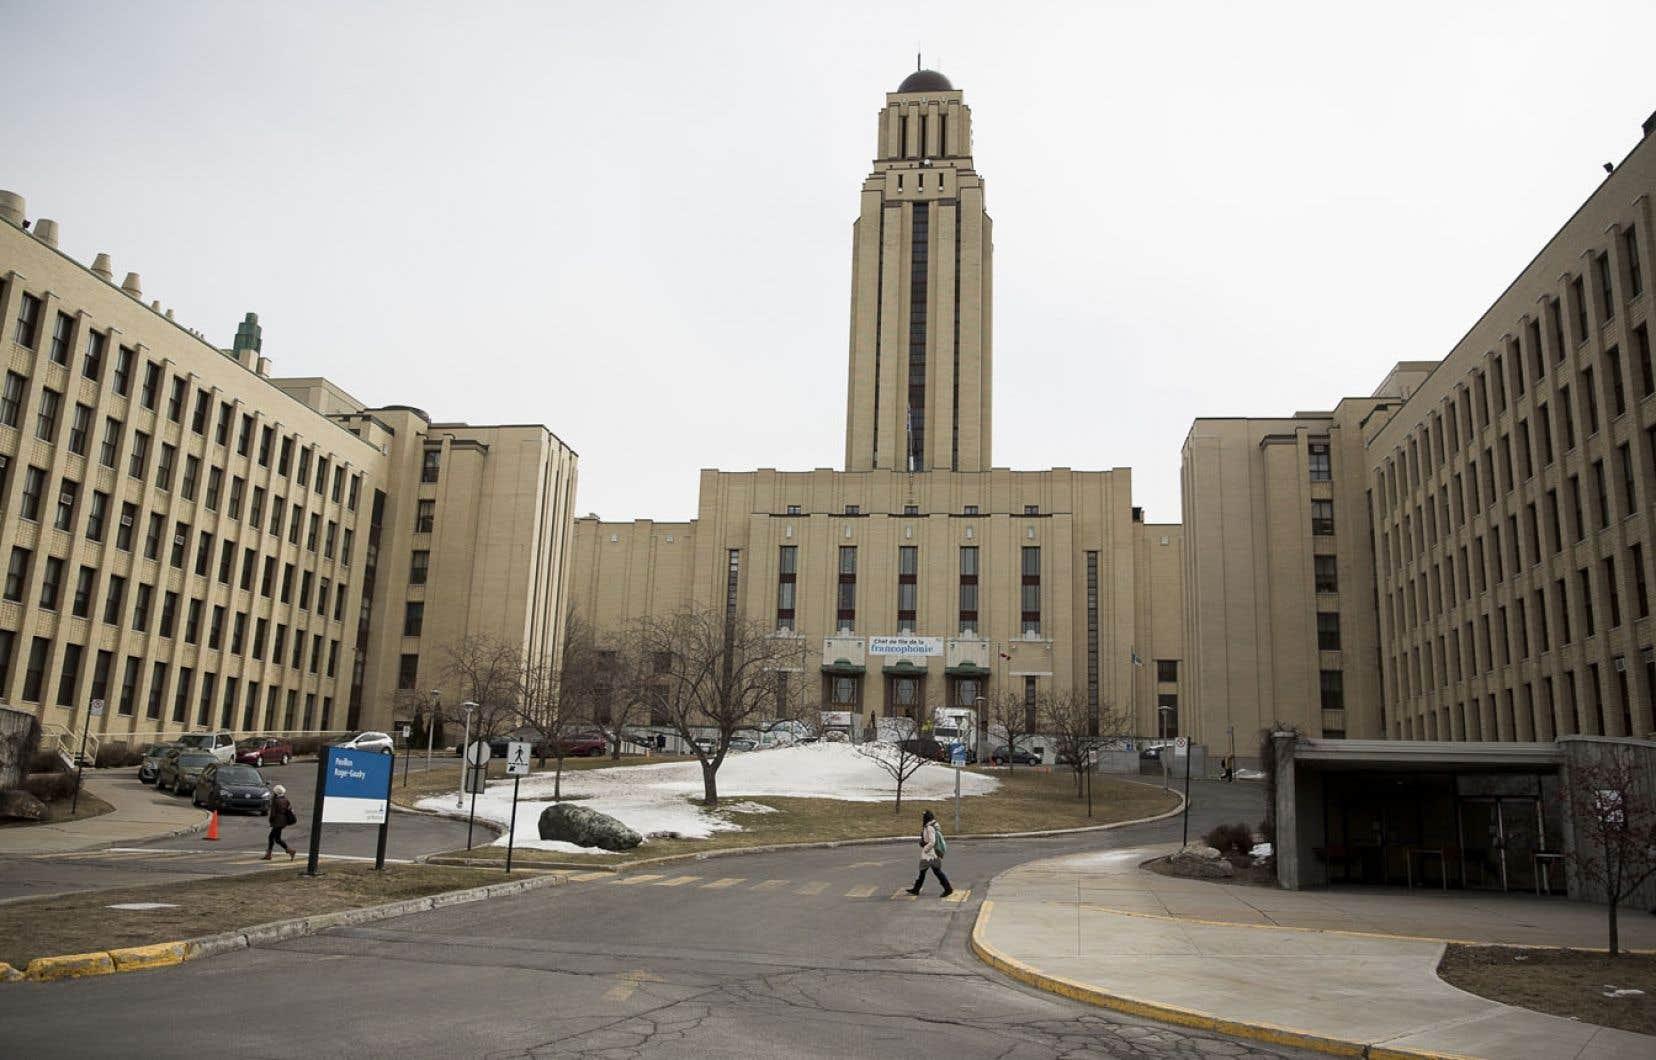 Contrairement à plusieurs universités qui se sont positionnées la semaine dernière, l'Université de Montréal s'est montrée peu bavarde dans le débat sur la laïcité et prépare un mémoire sur le sujet.